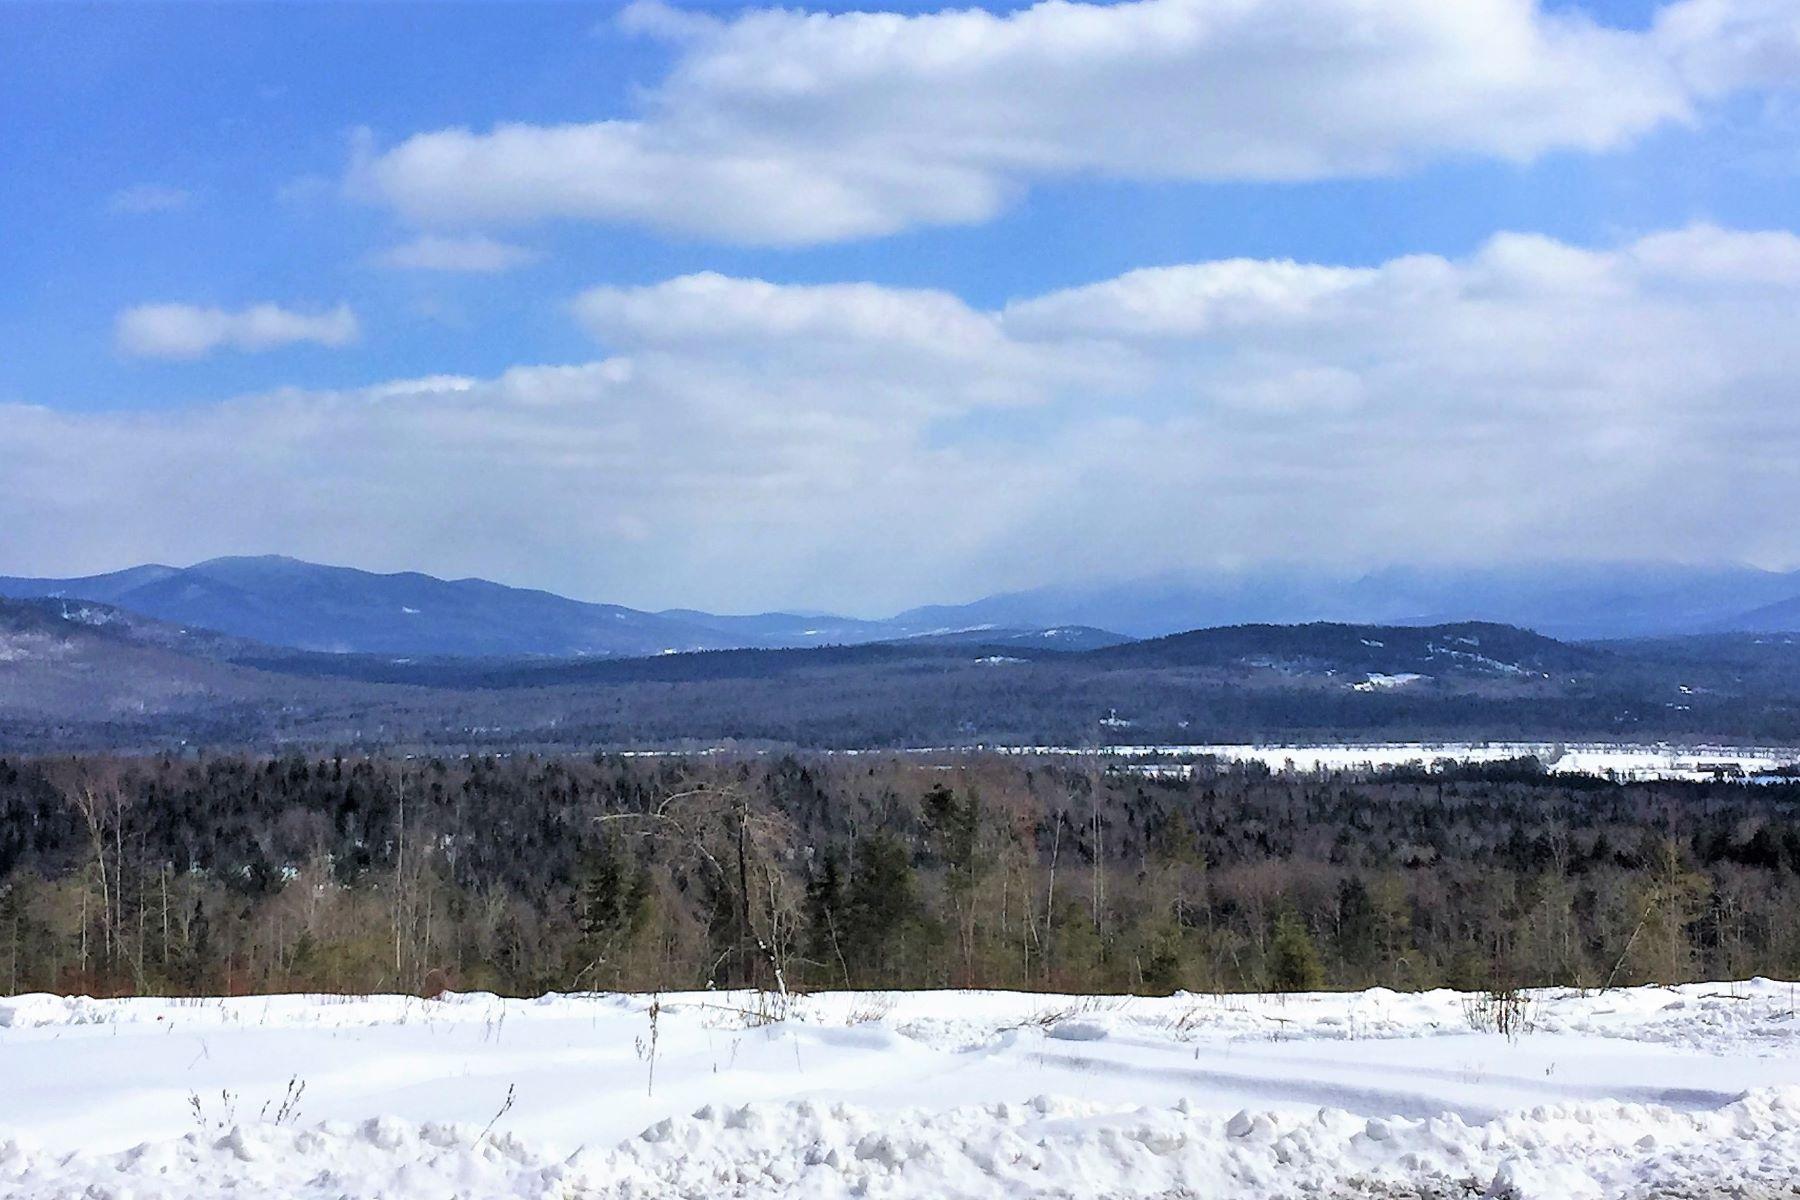 Land for Sale at Baptist Hill Road, Lunenburg Baptist Hill Rd Lunenburg, Vermont 05906 United States